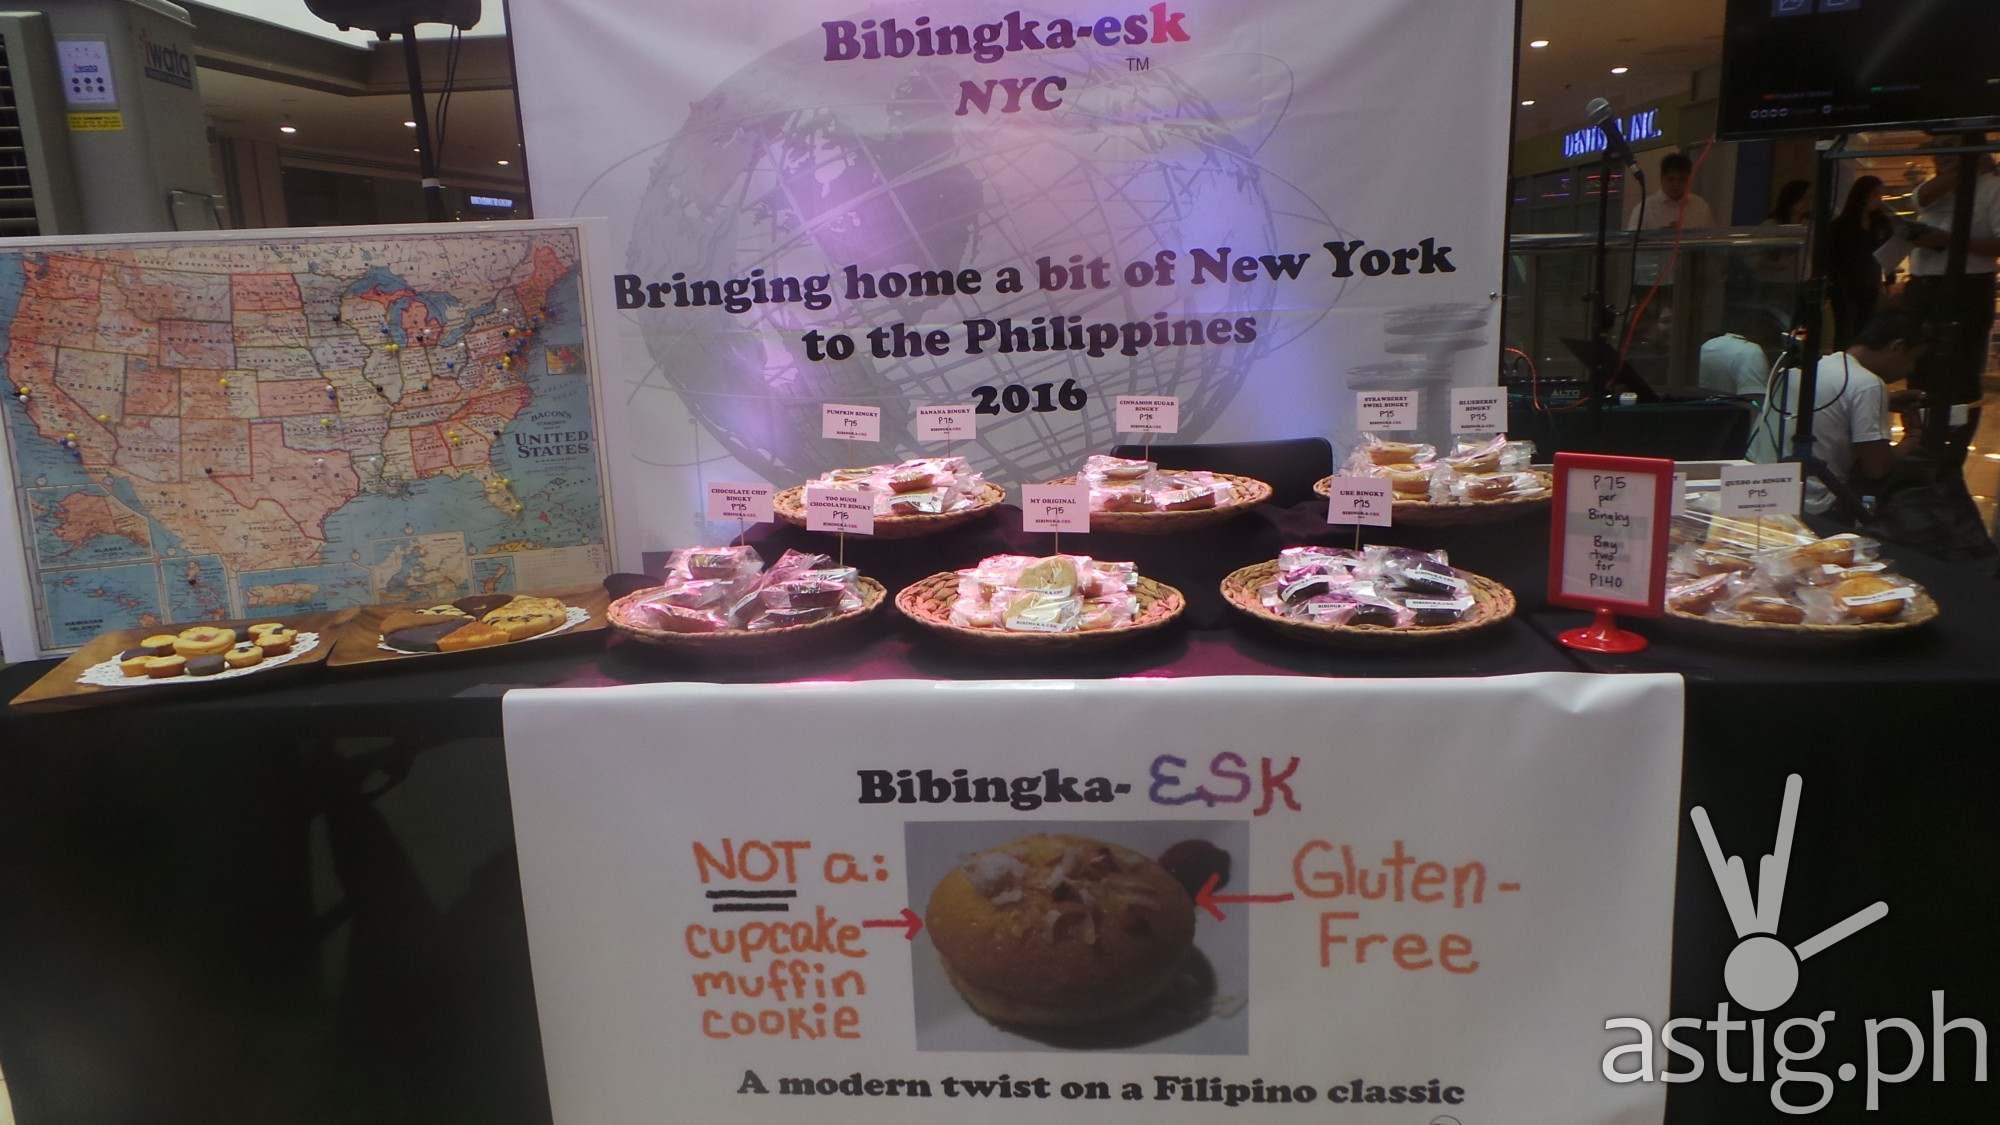 Bibingka-esk